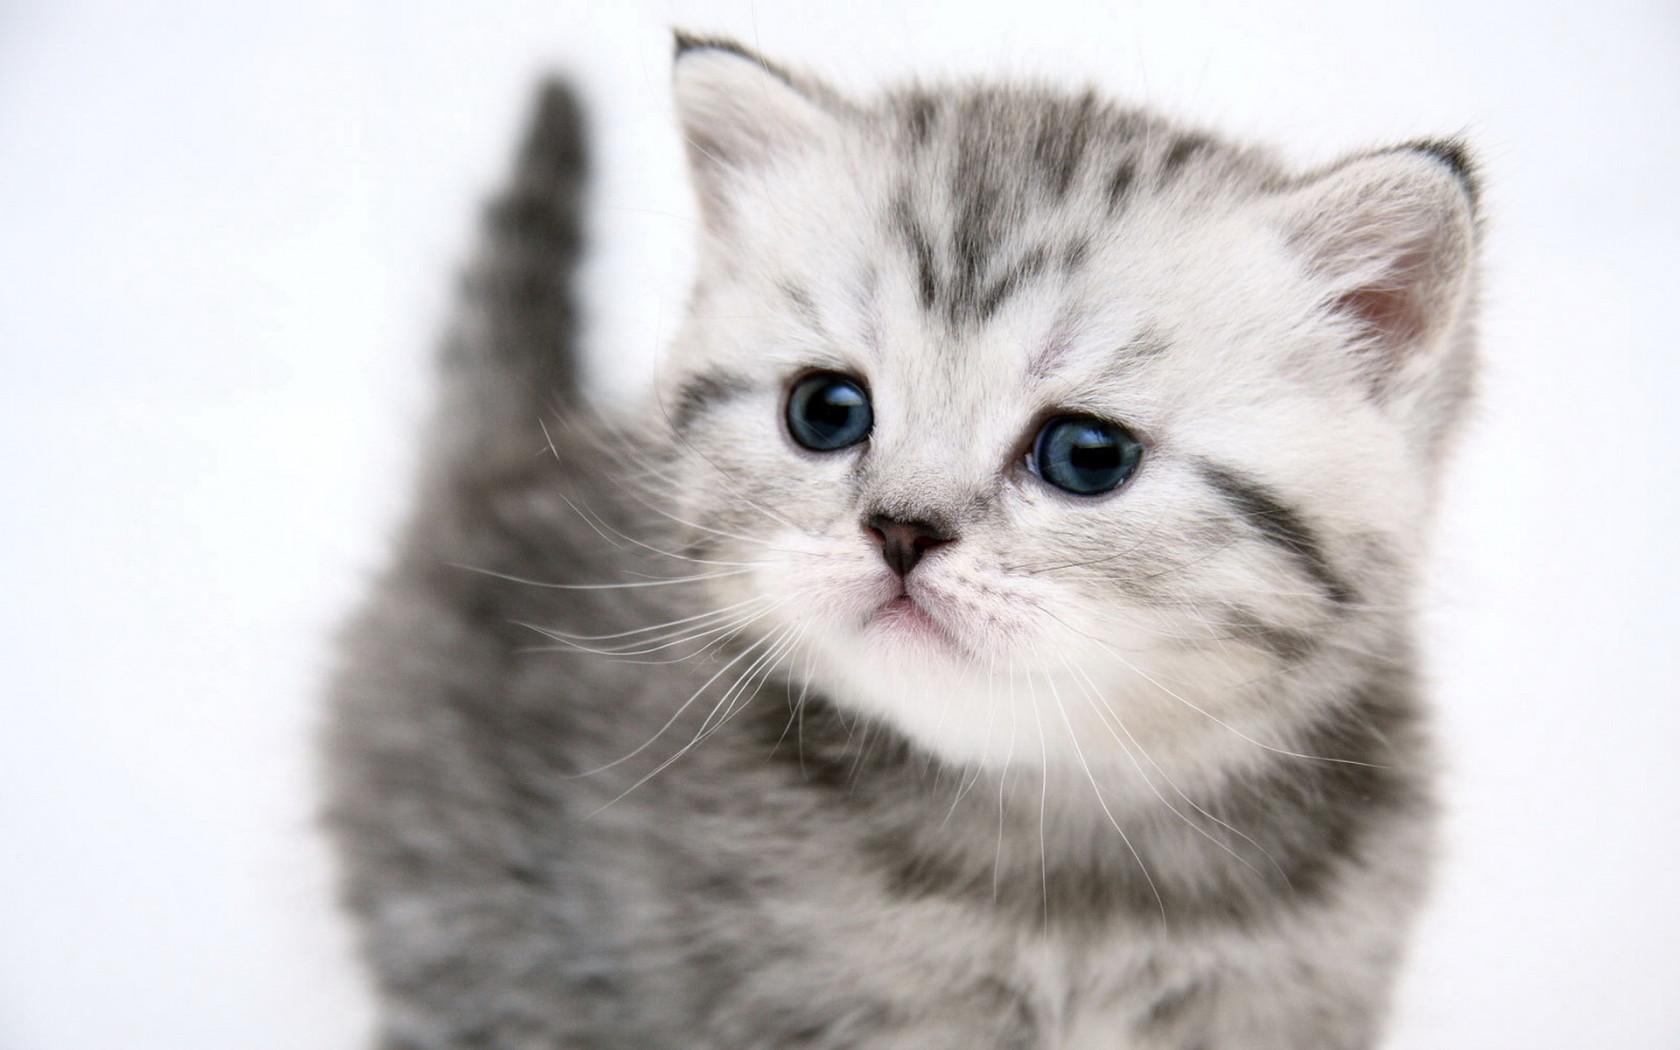 cute kitten kitten pussy cat uploaded silvery 2010 10 30 1680x1050